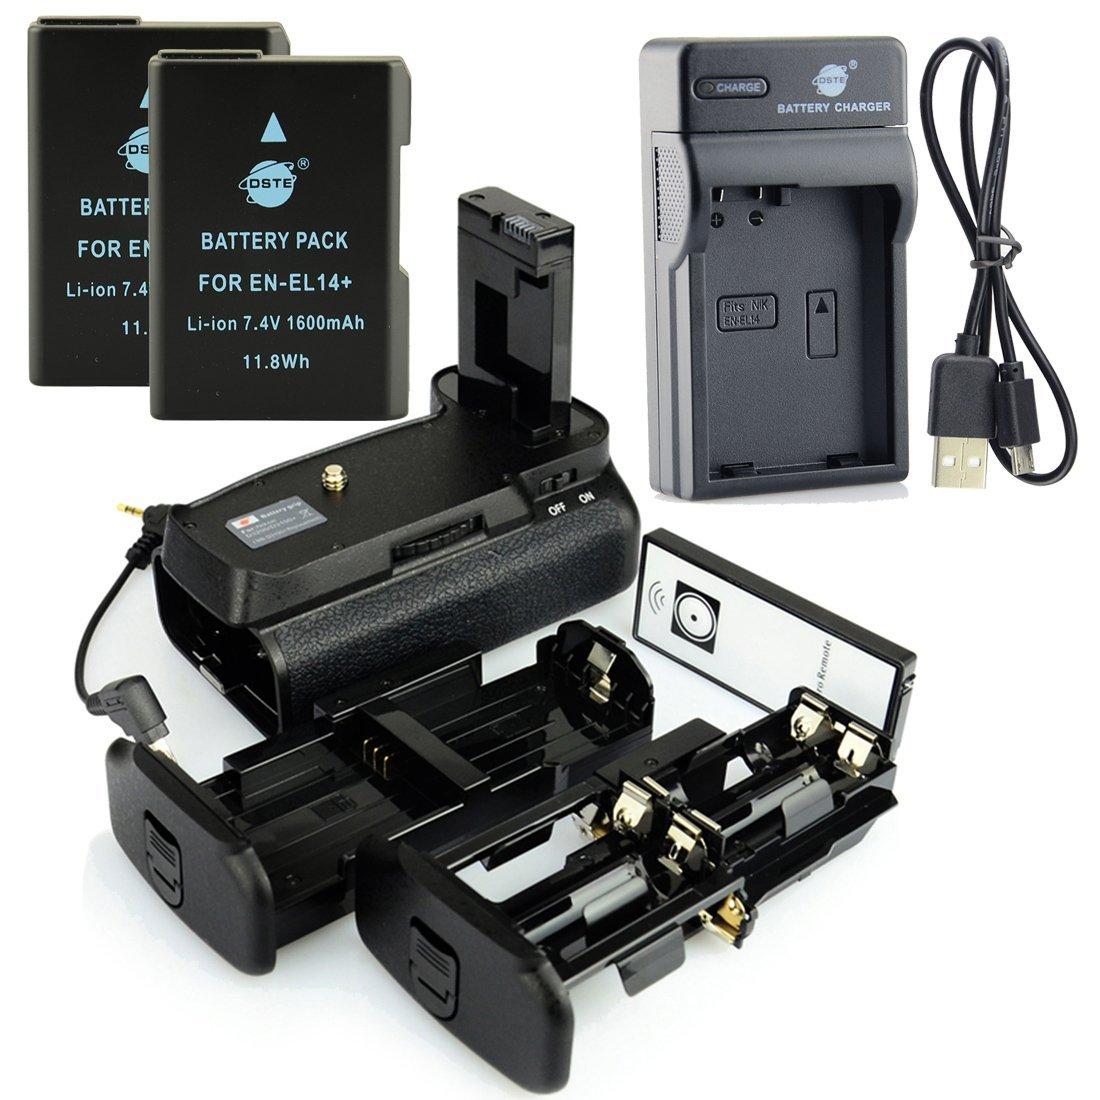 DSTE IR Remote MB-D31 Battery Grip + 2x EN-EL14 Battery + USB Charger for Nikon D3100 D3200 D3300 D5300